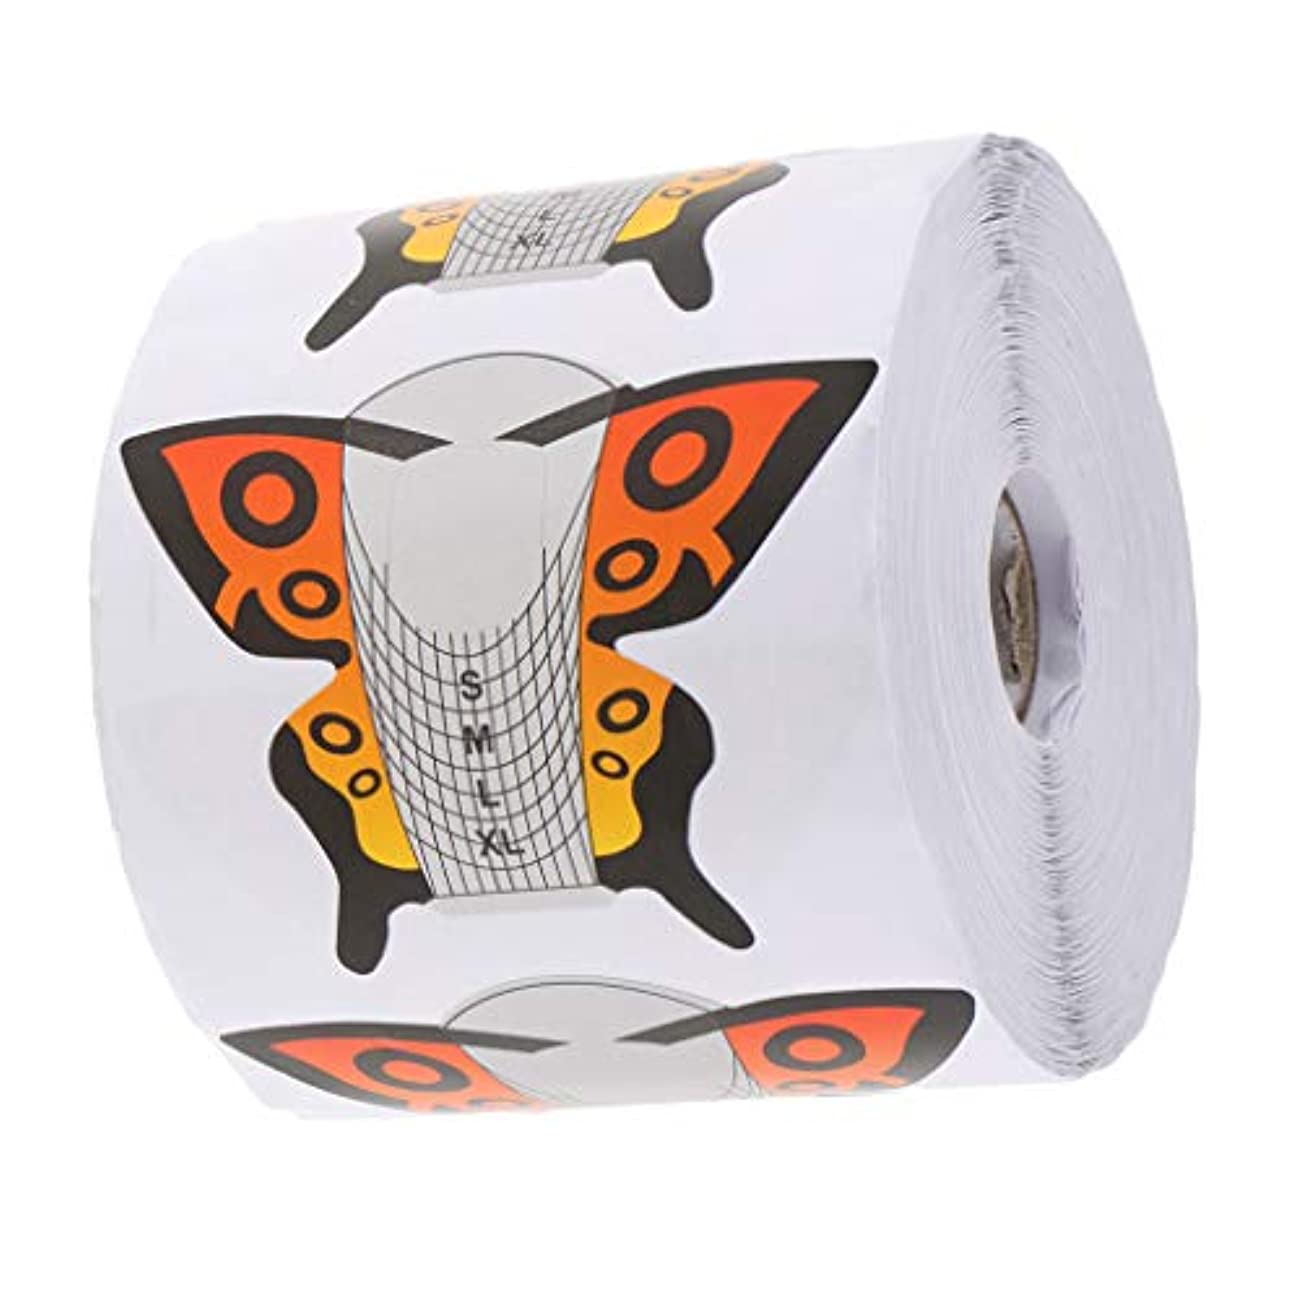 講堂エスカレート売り手Toygogo ネイルアートチップのフォームネイルエクステンションガイドステッカーポリッシュDIYステンシルキット - 約500枚